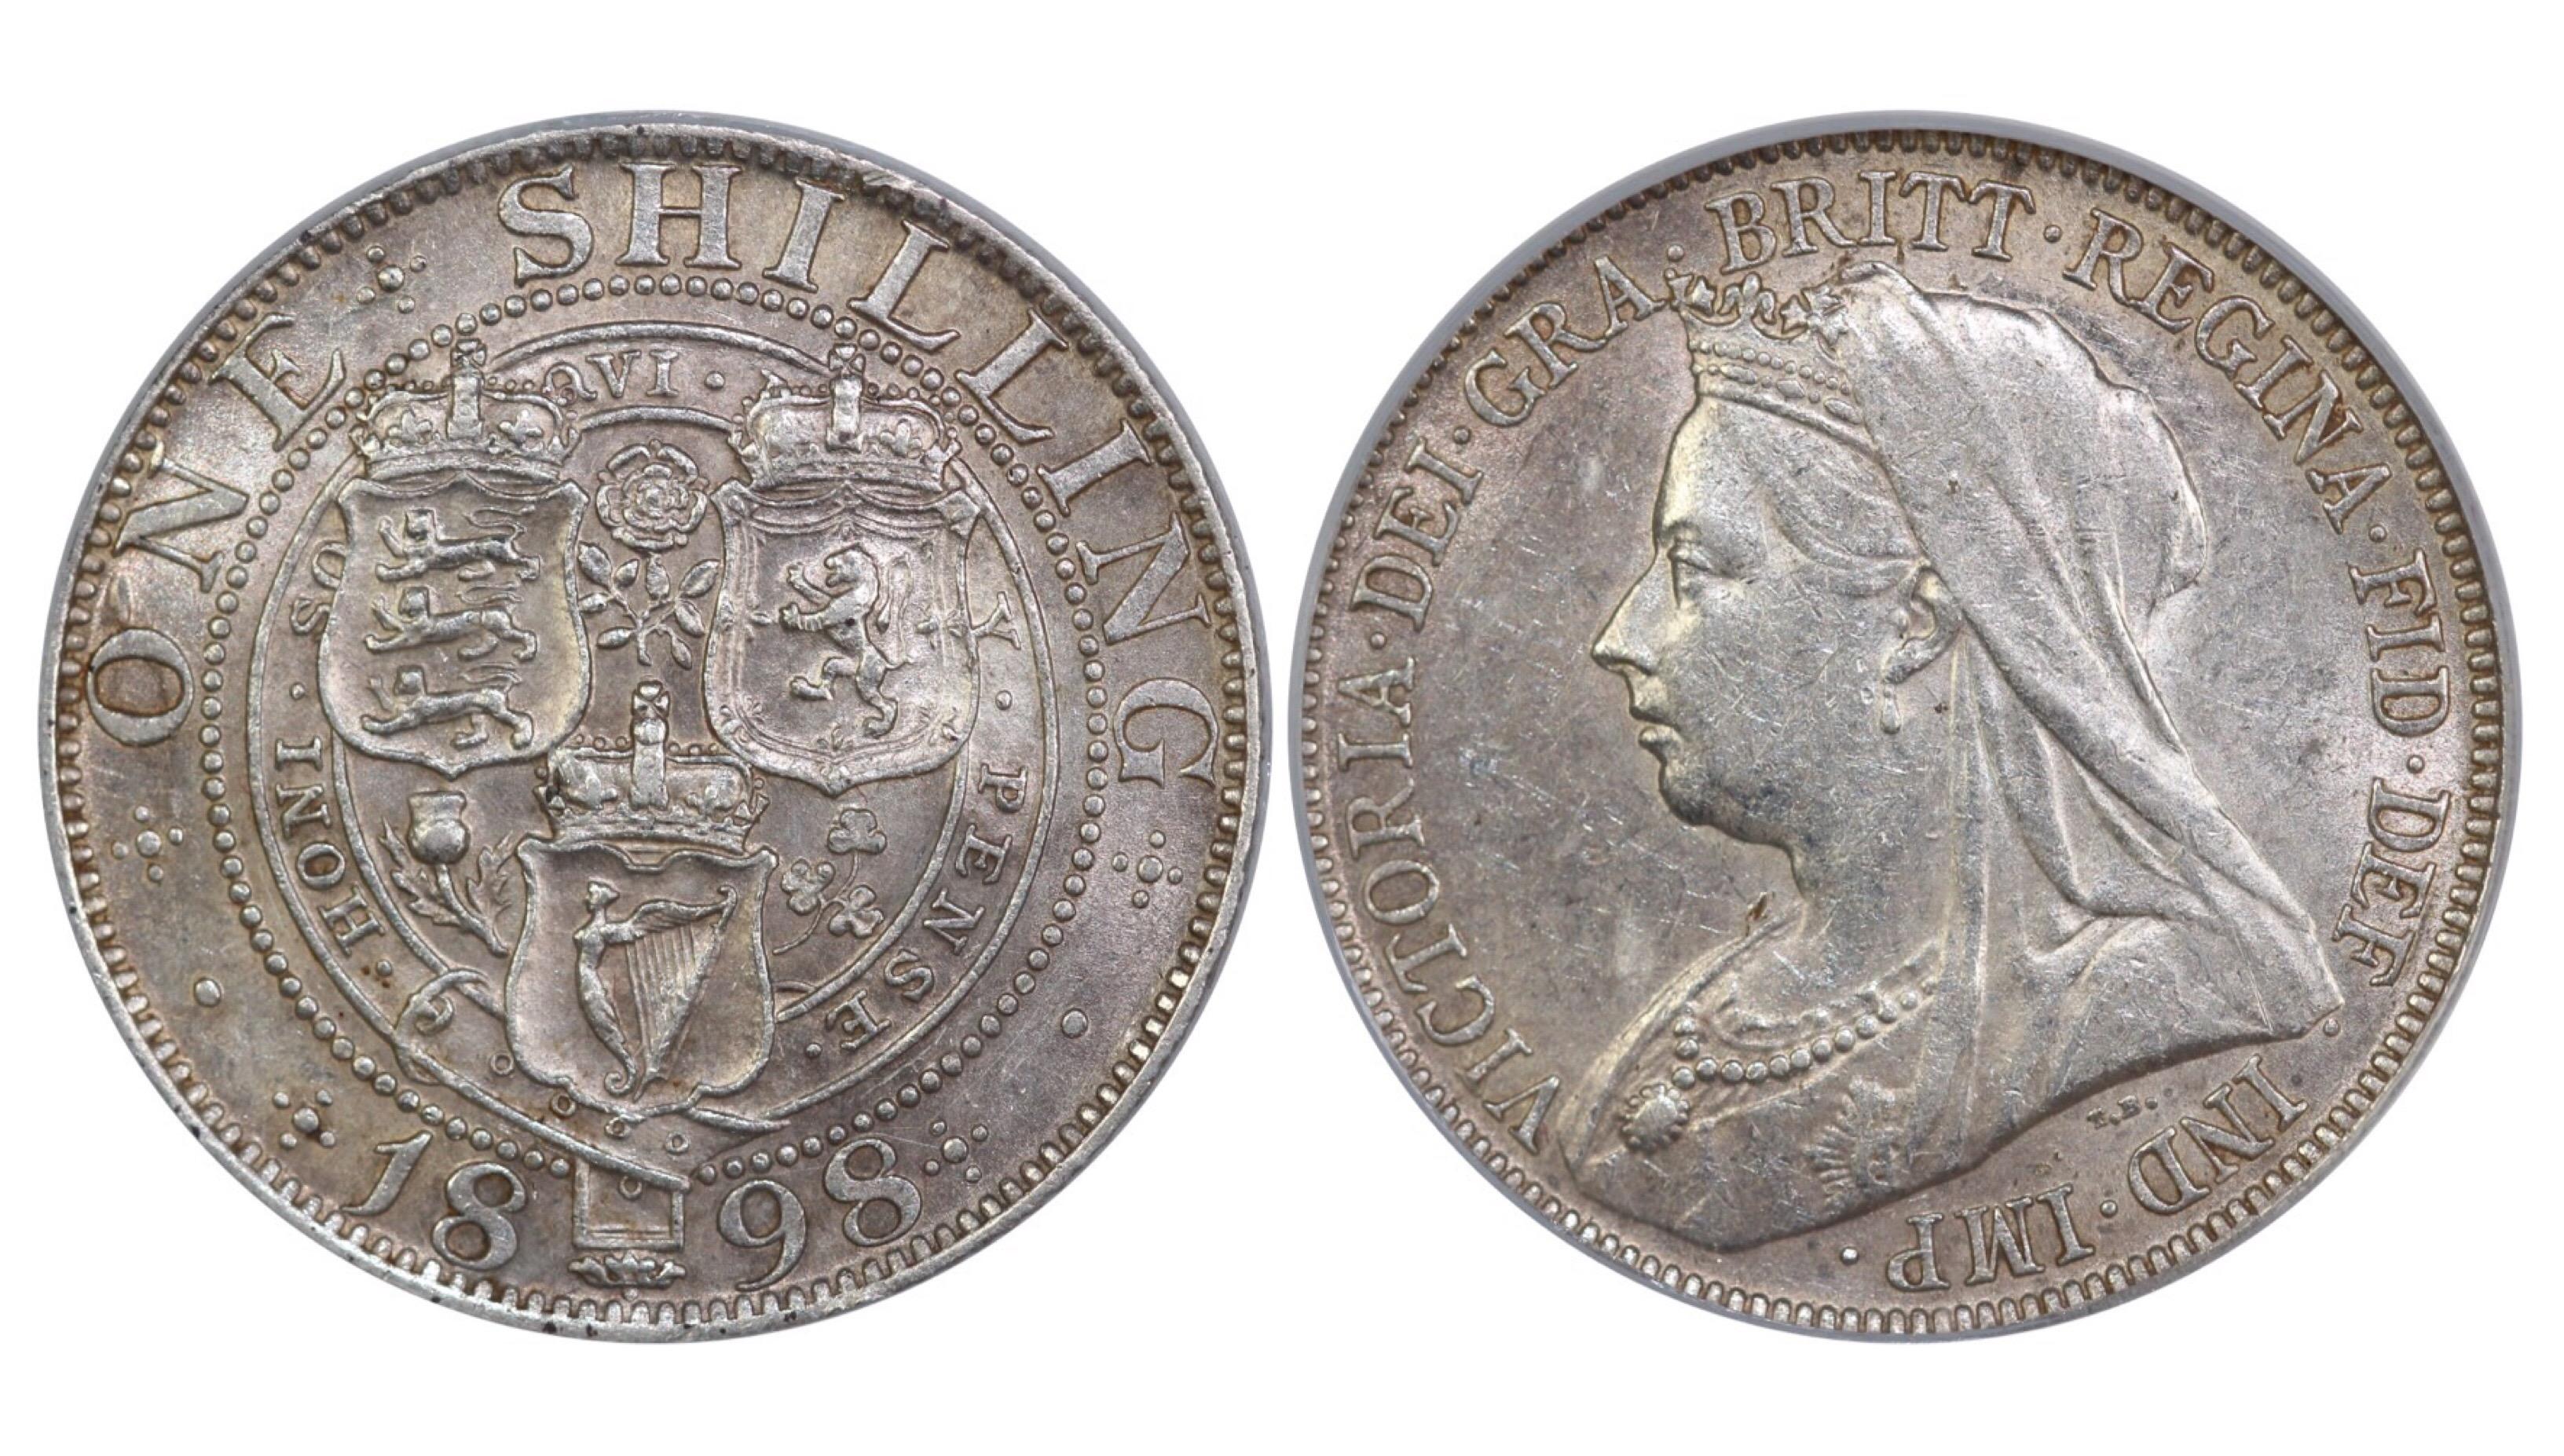 1898 Shilling, CGS 60, Victoria, ESC 1367, UIN 29038